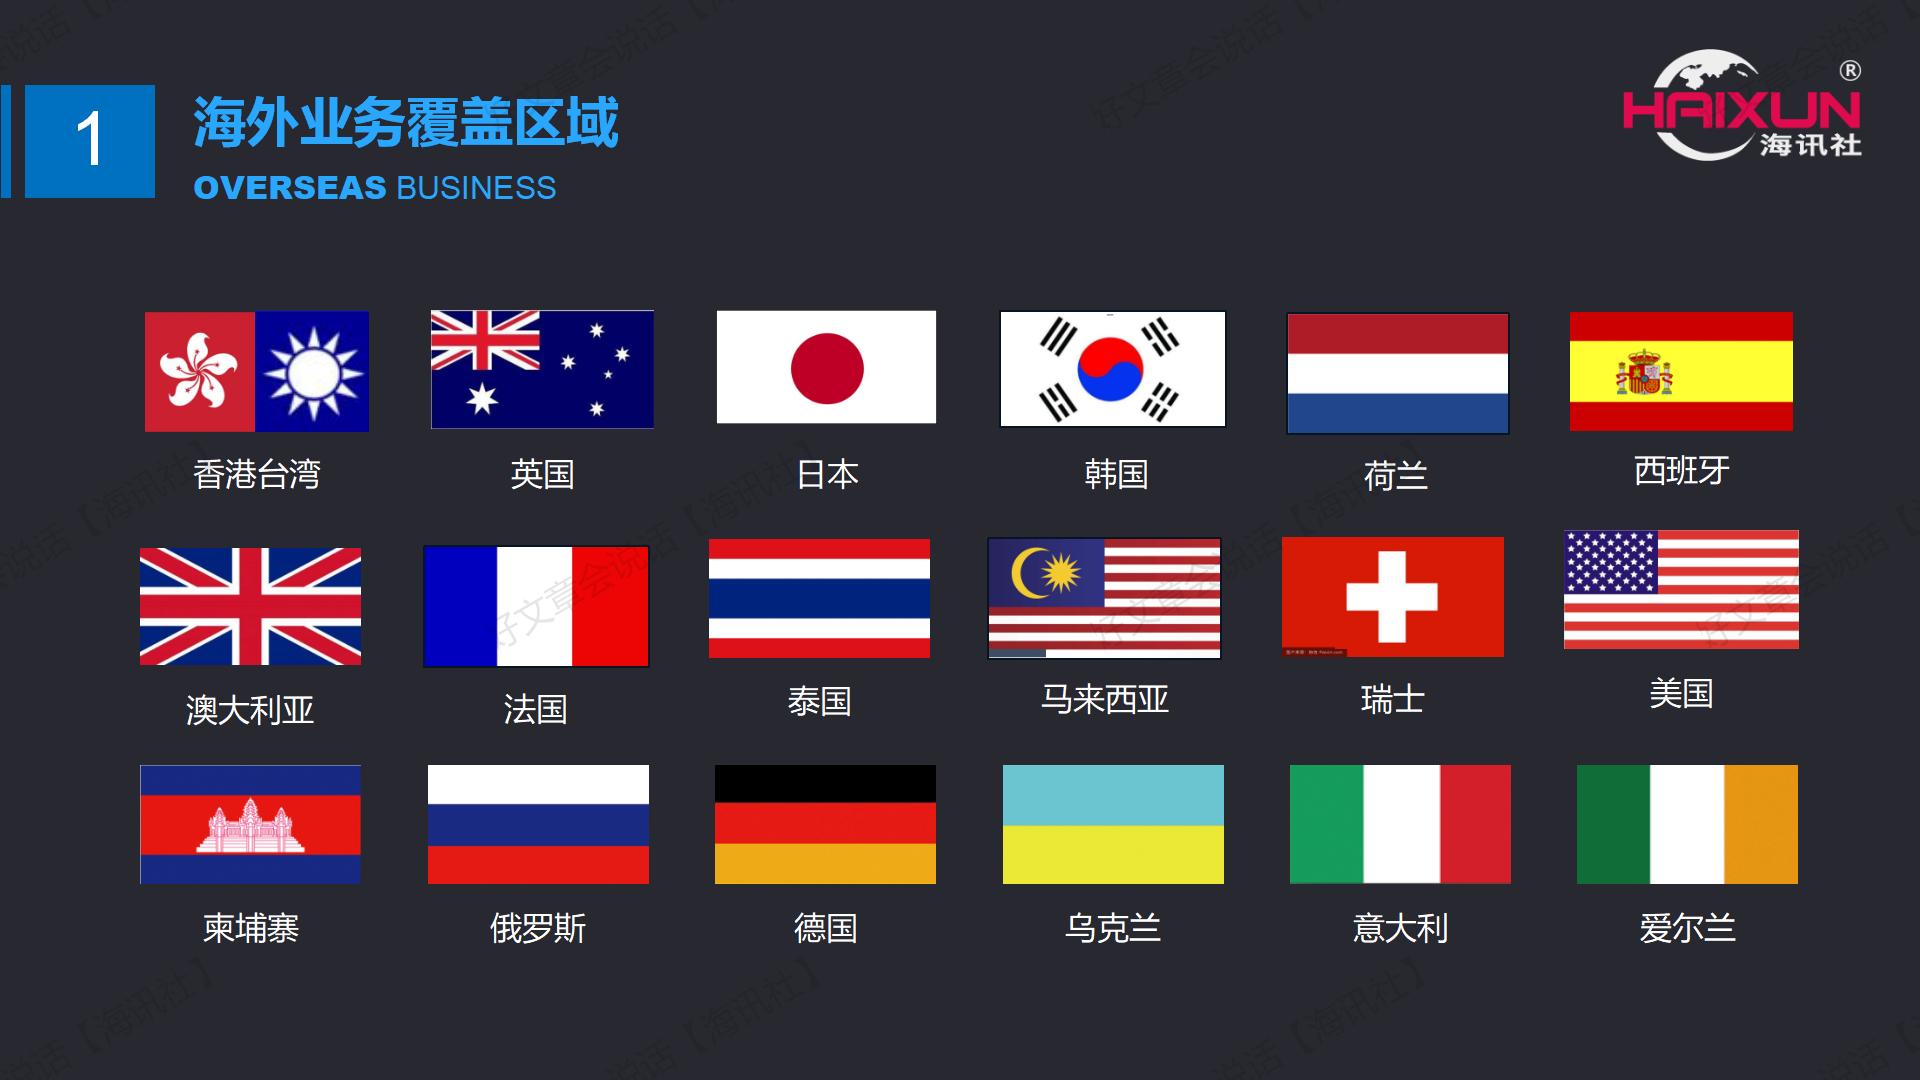 海讯社平台介绍-官宣2019_37.png